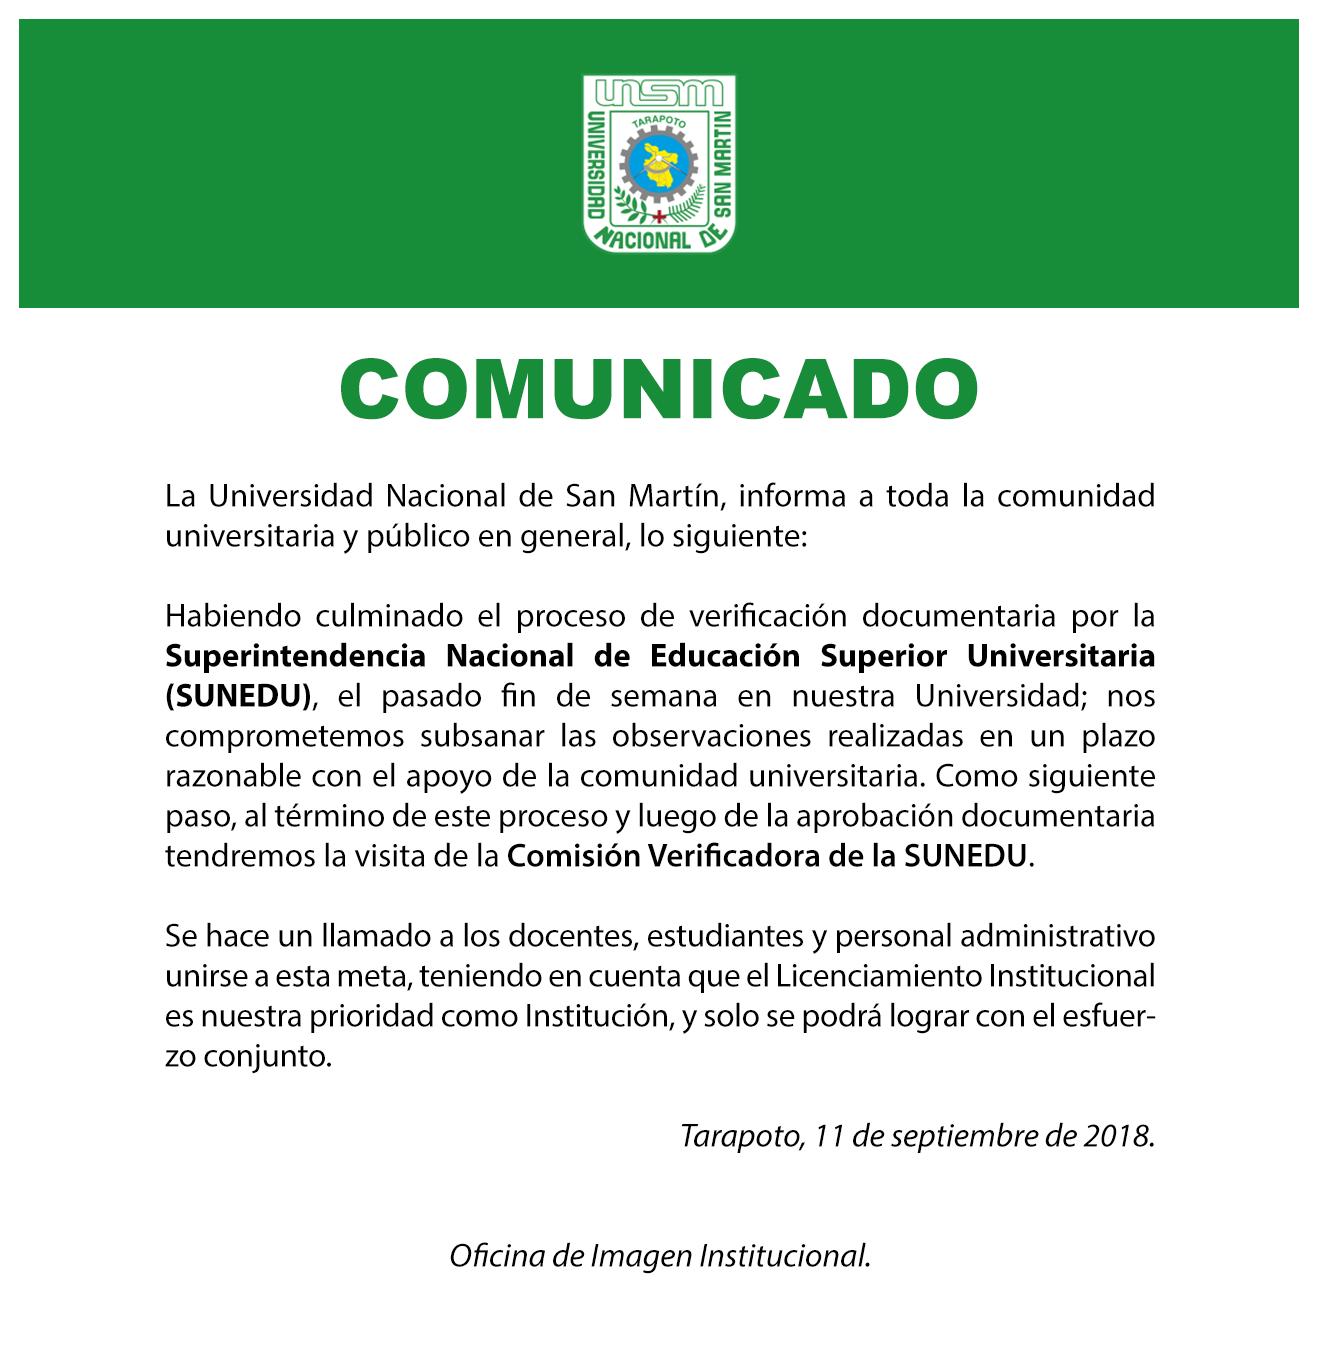 15 - COMUNICADO 110918